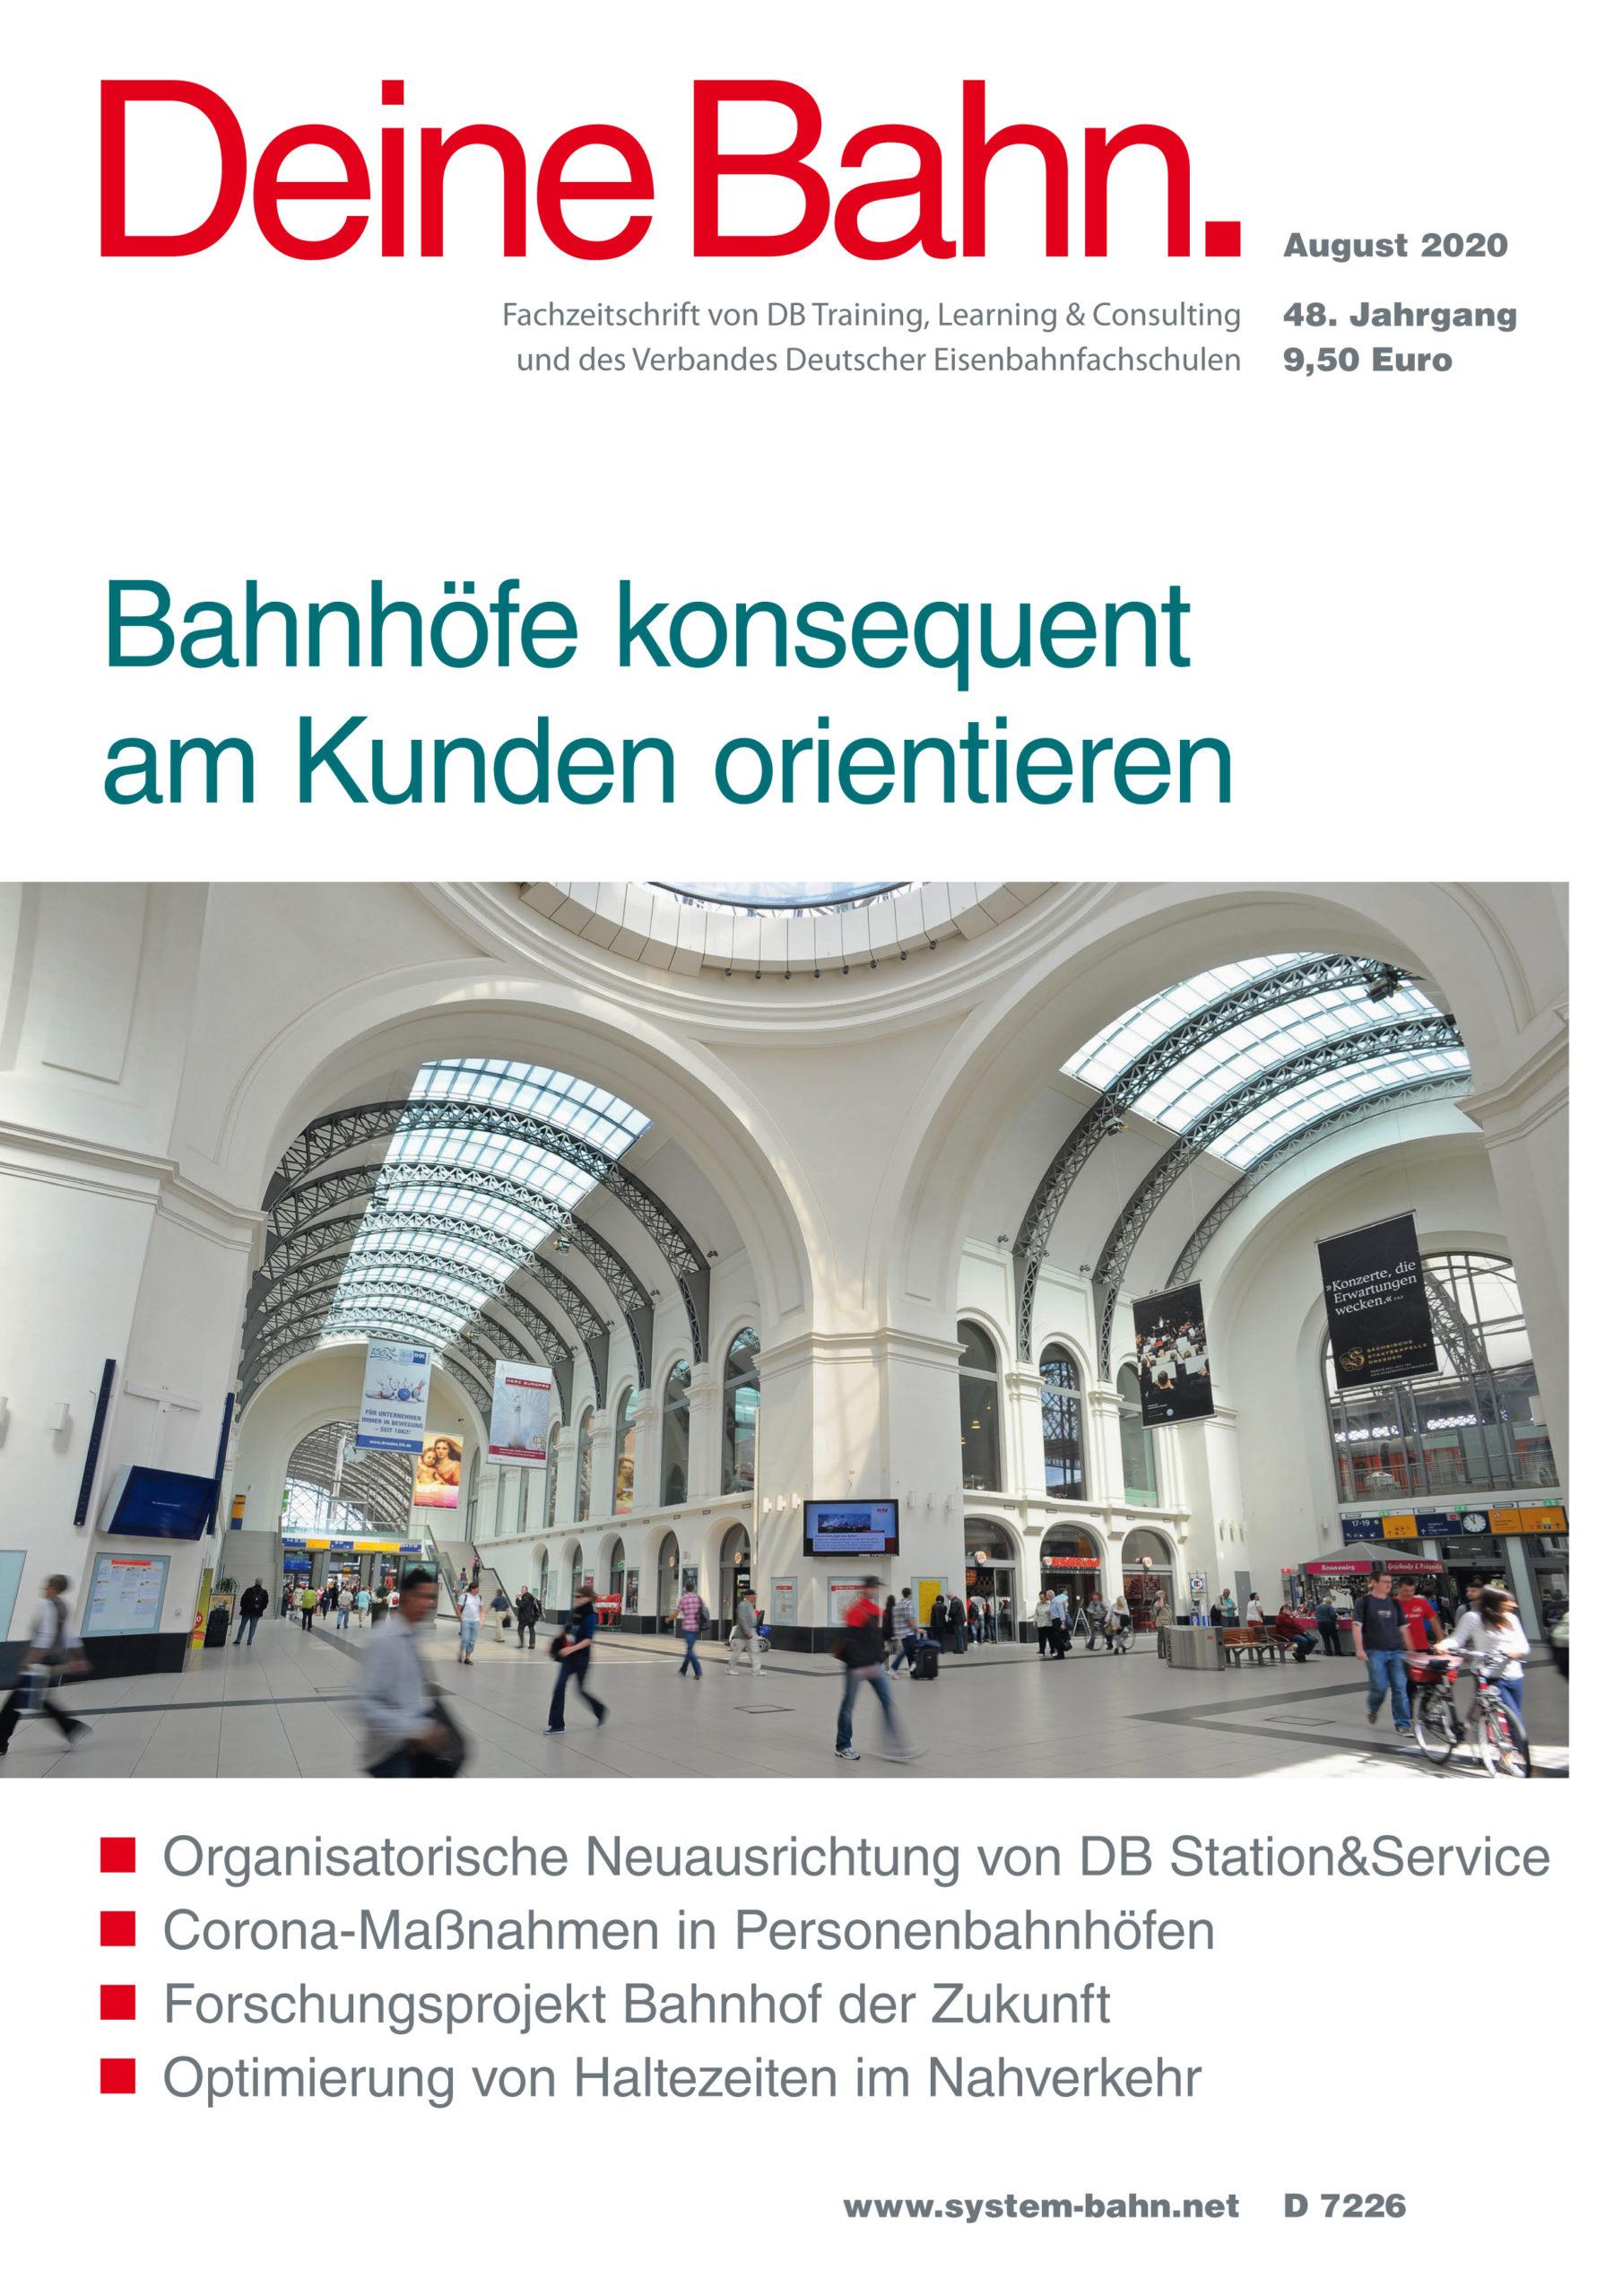 Umschlagmotiv Fachzeitschrift Deine Bahn August 2020